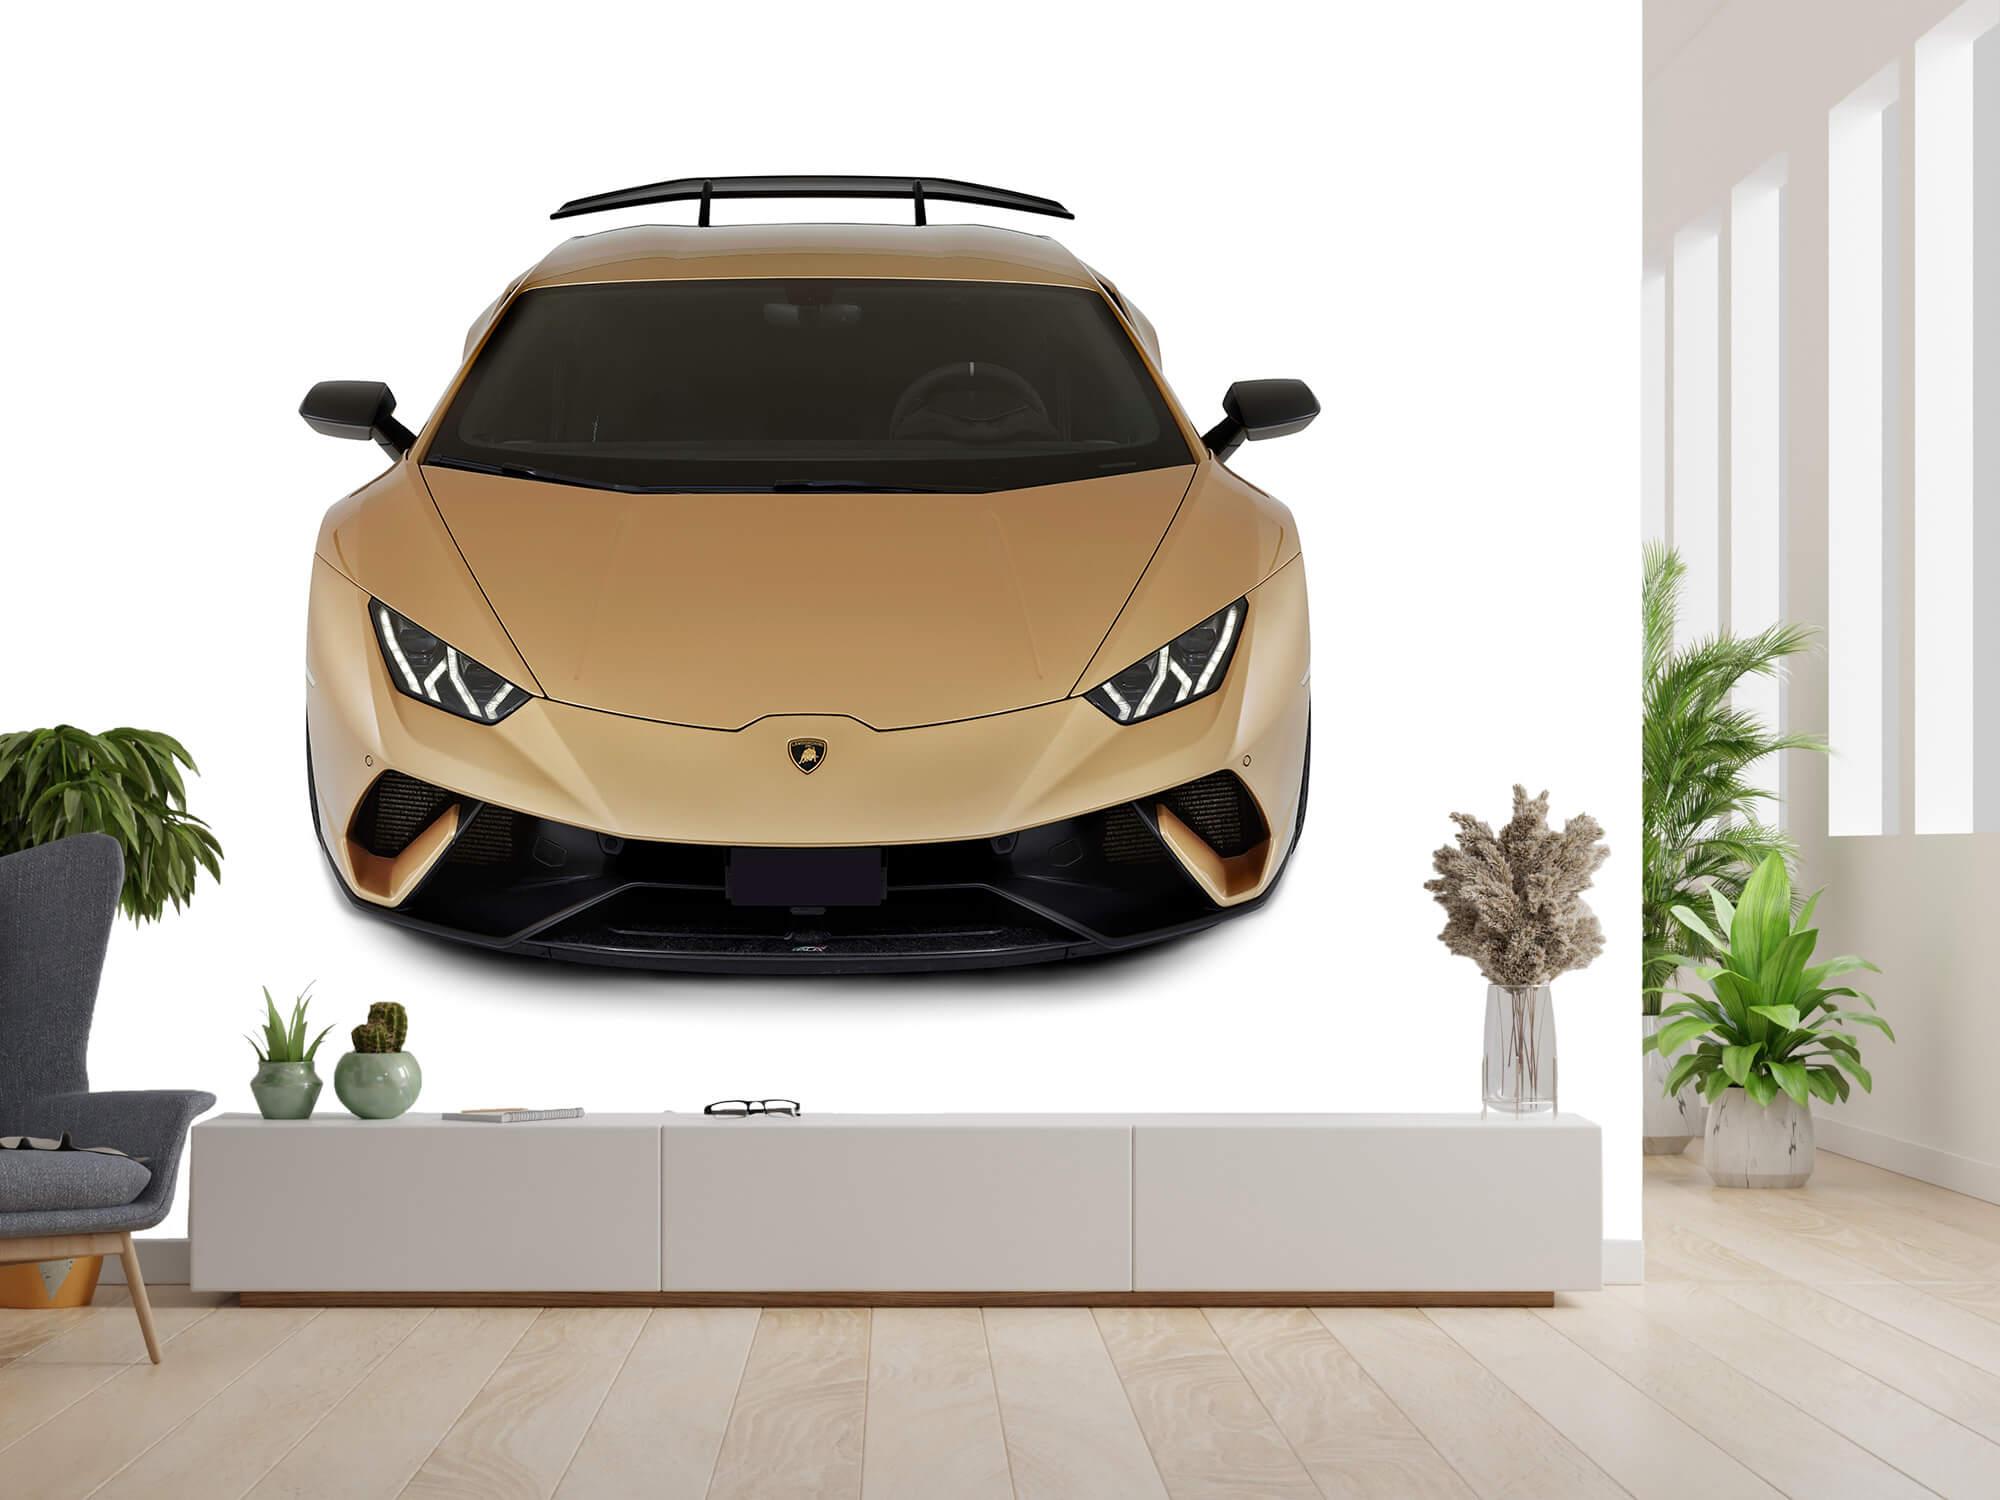 Wallpaper Lamborghini Huracán - Voorkant vanaf boven, wit 4